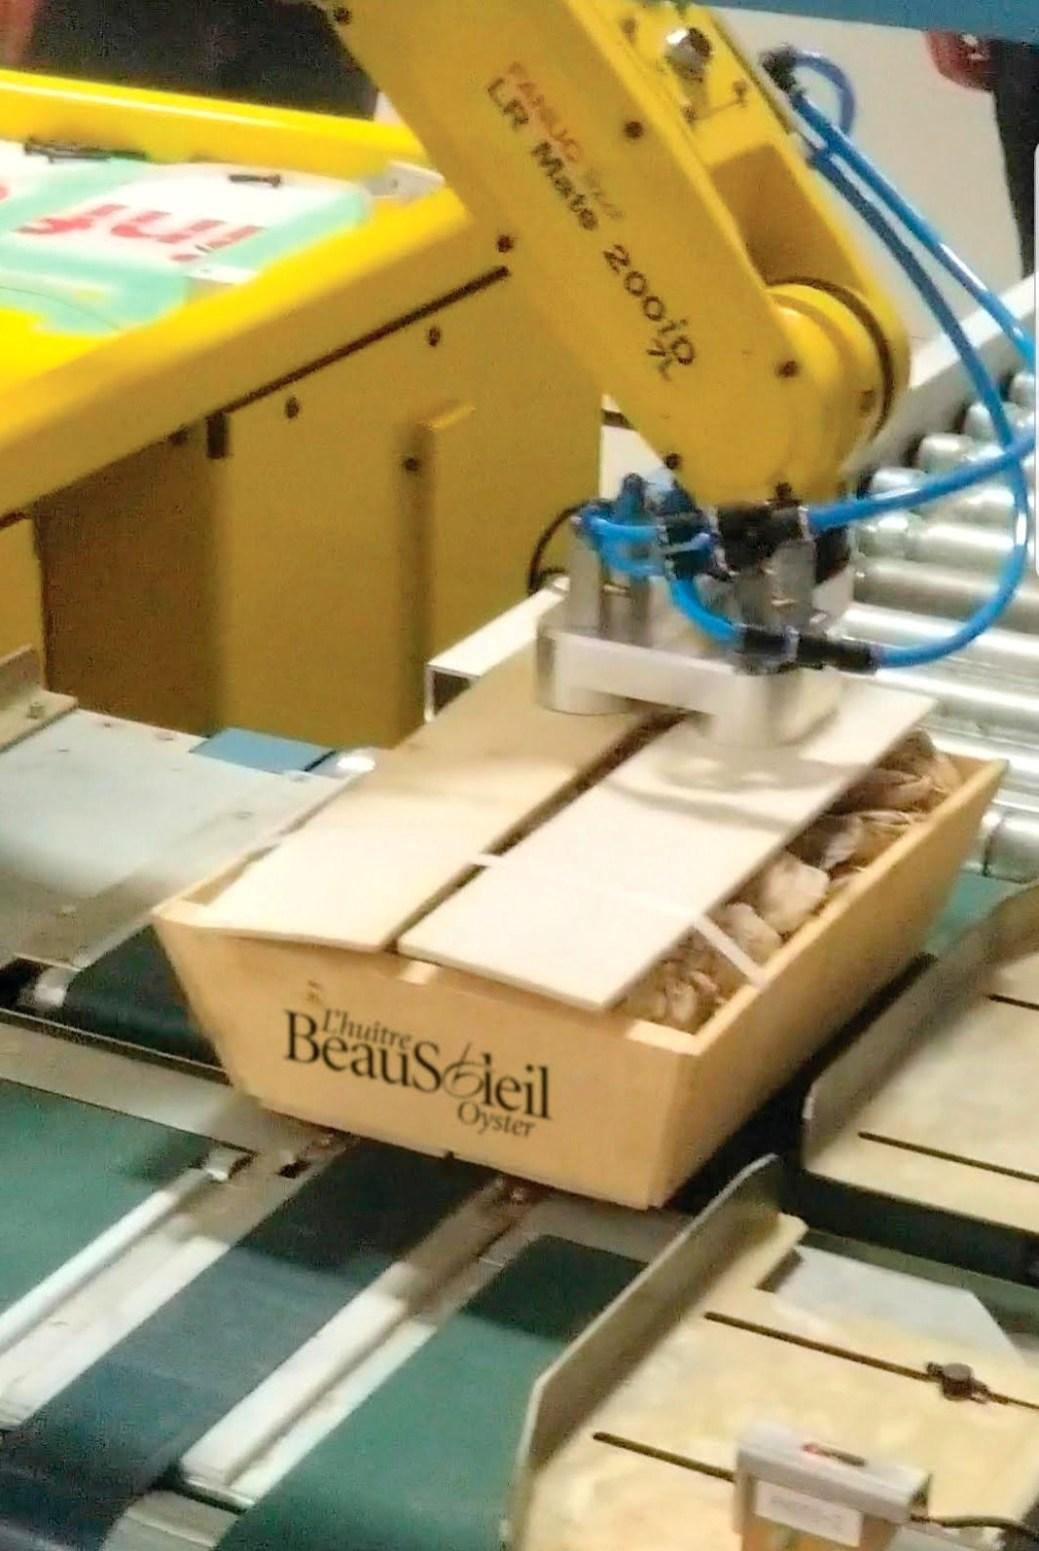 L'un des robots (ici en phase prototype) s'occupera de refermer les boîtes. - Gracieuseté